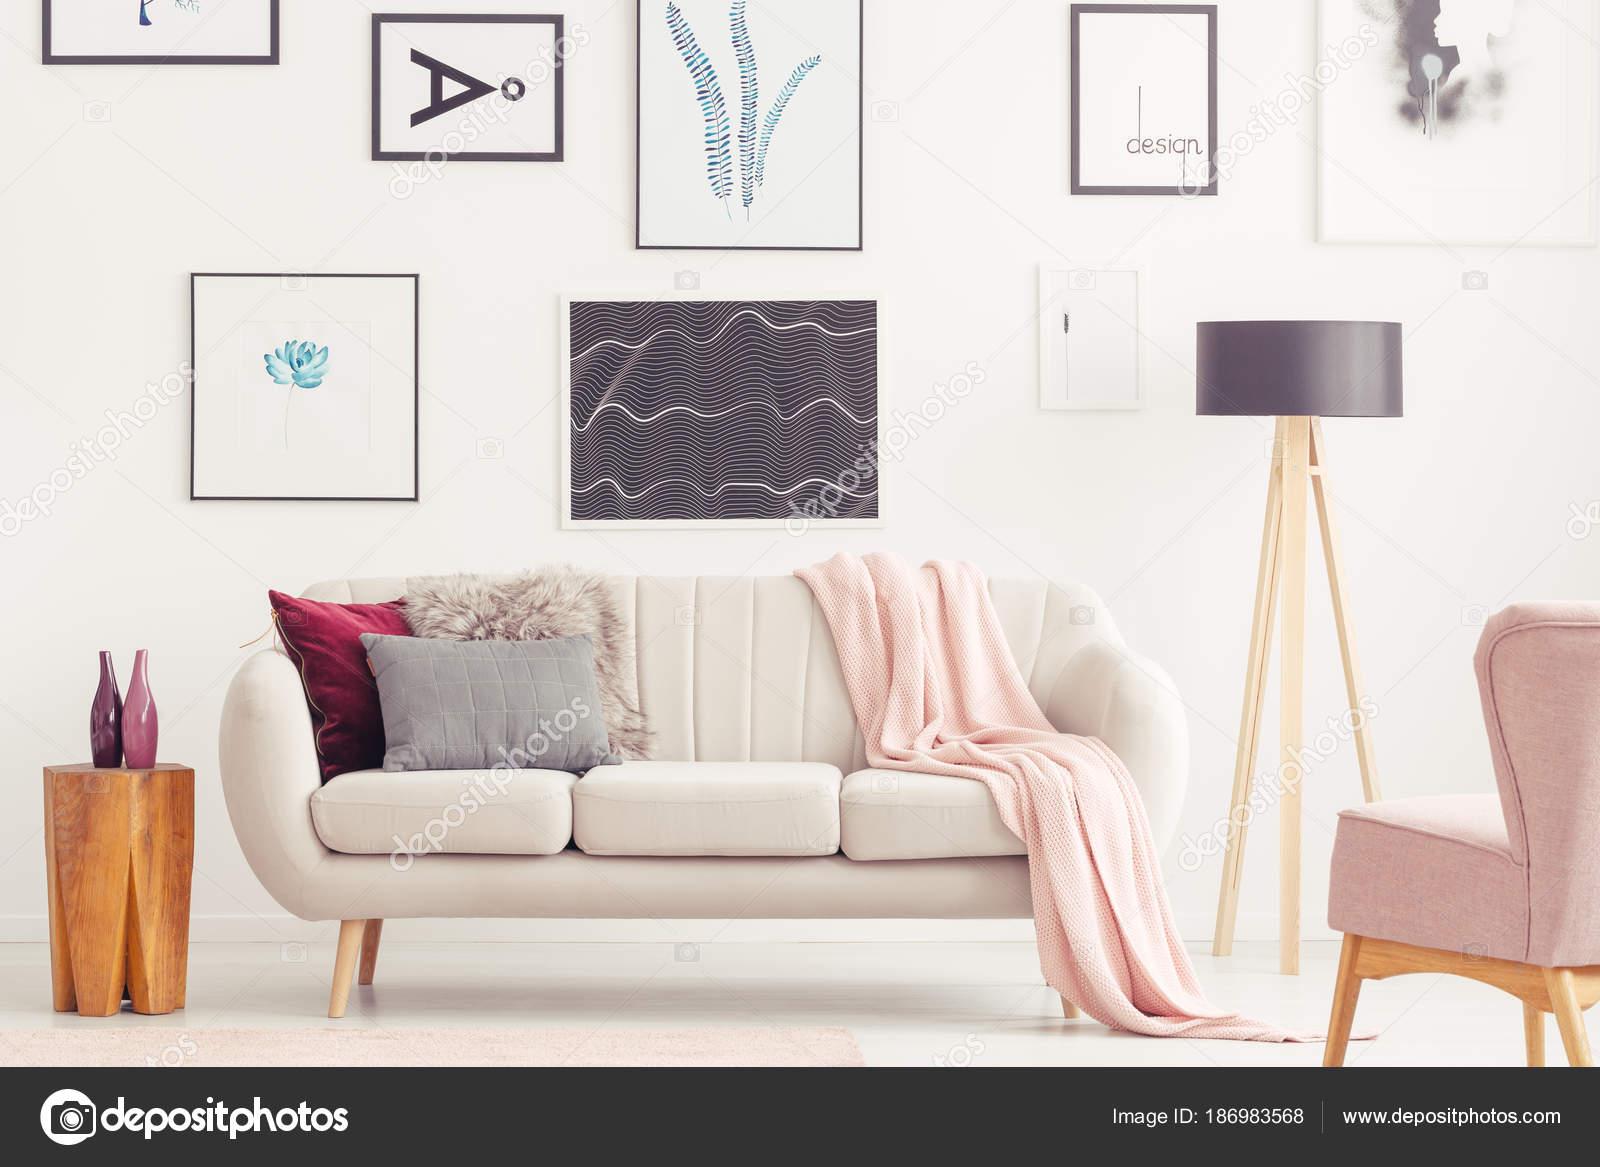 Roze woonkamer met posters — Stockfoto © photographee.eu #186983568